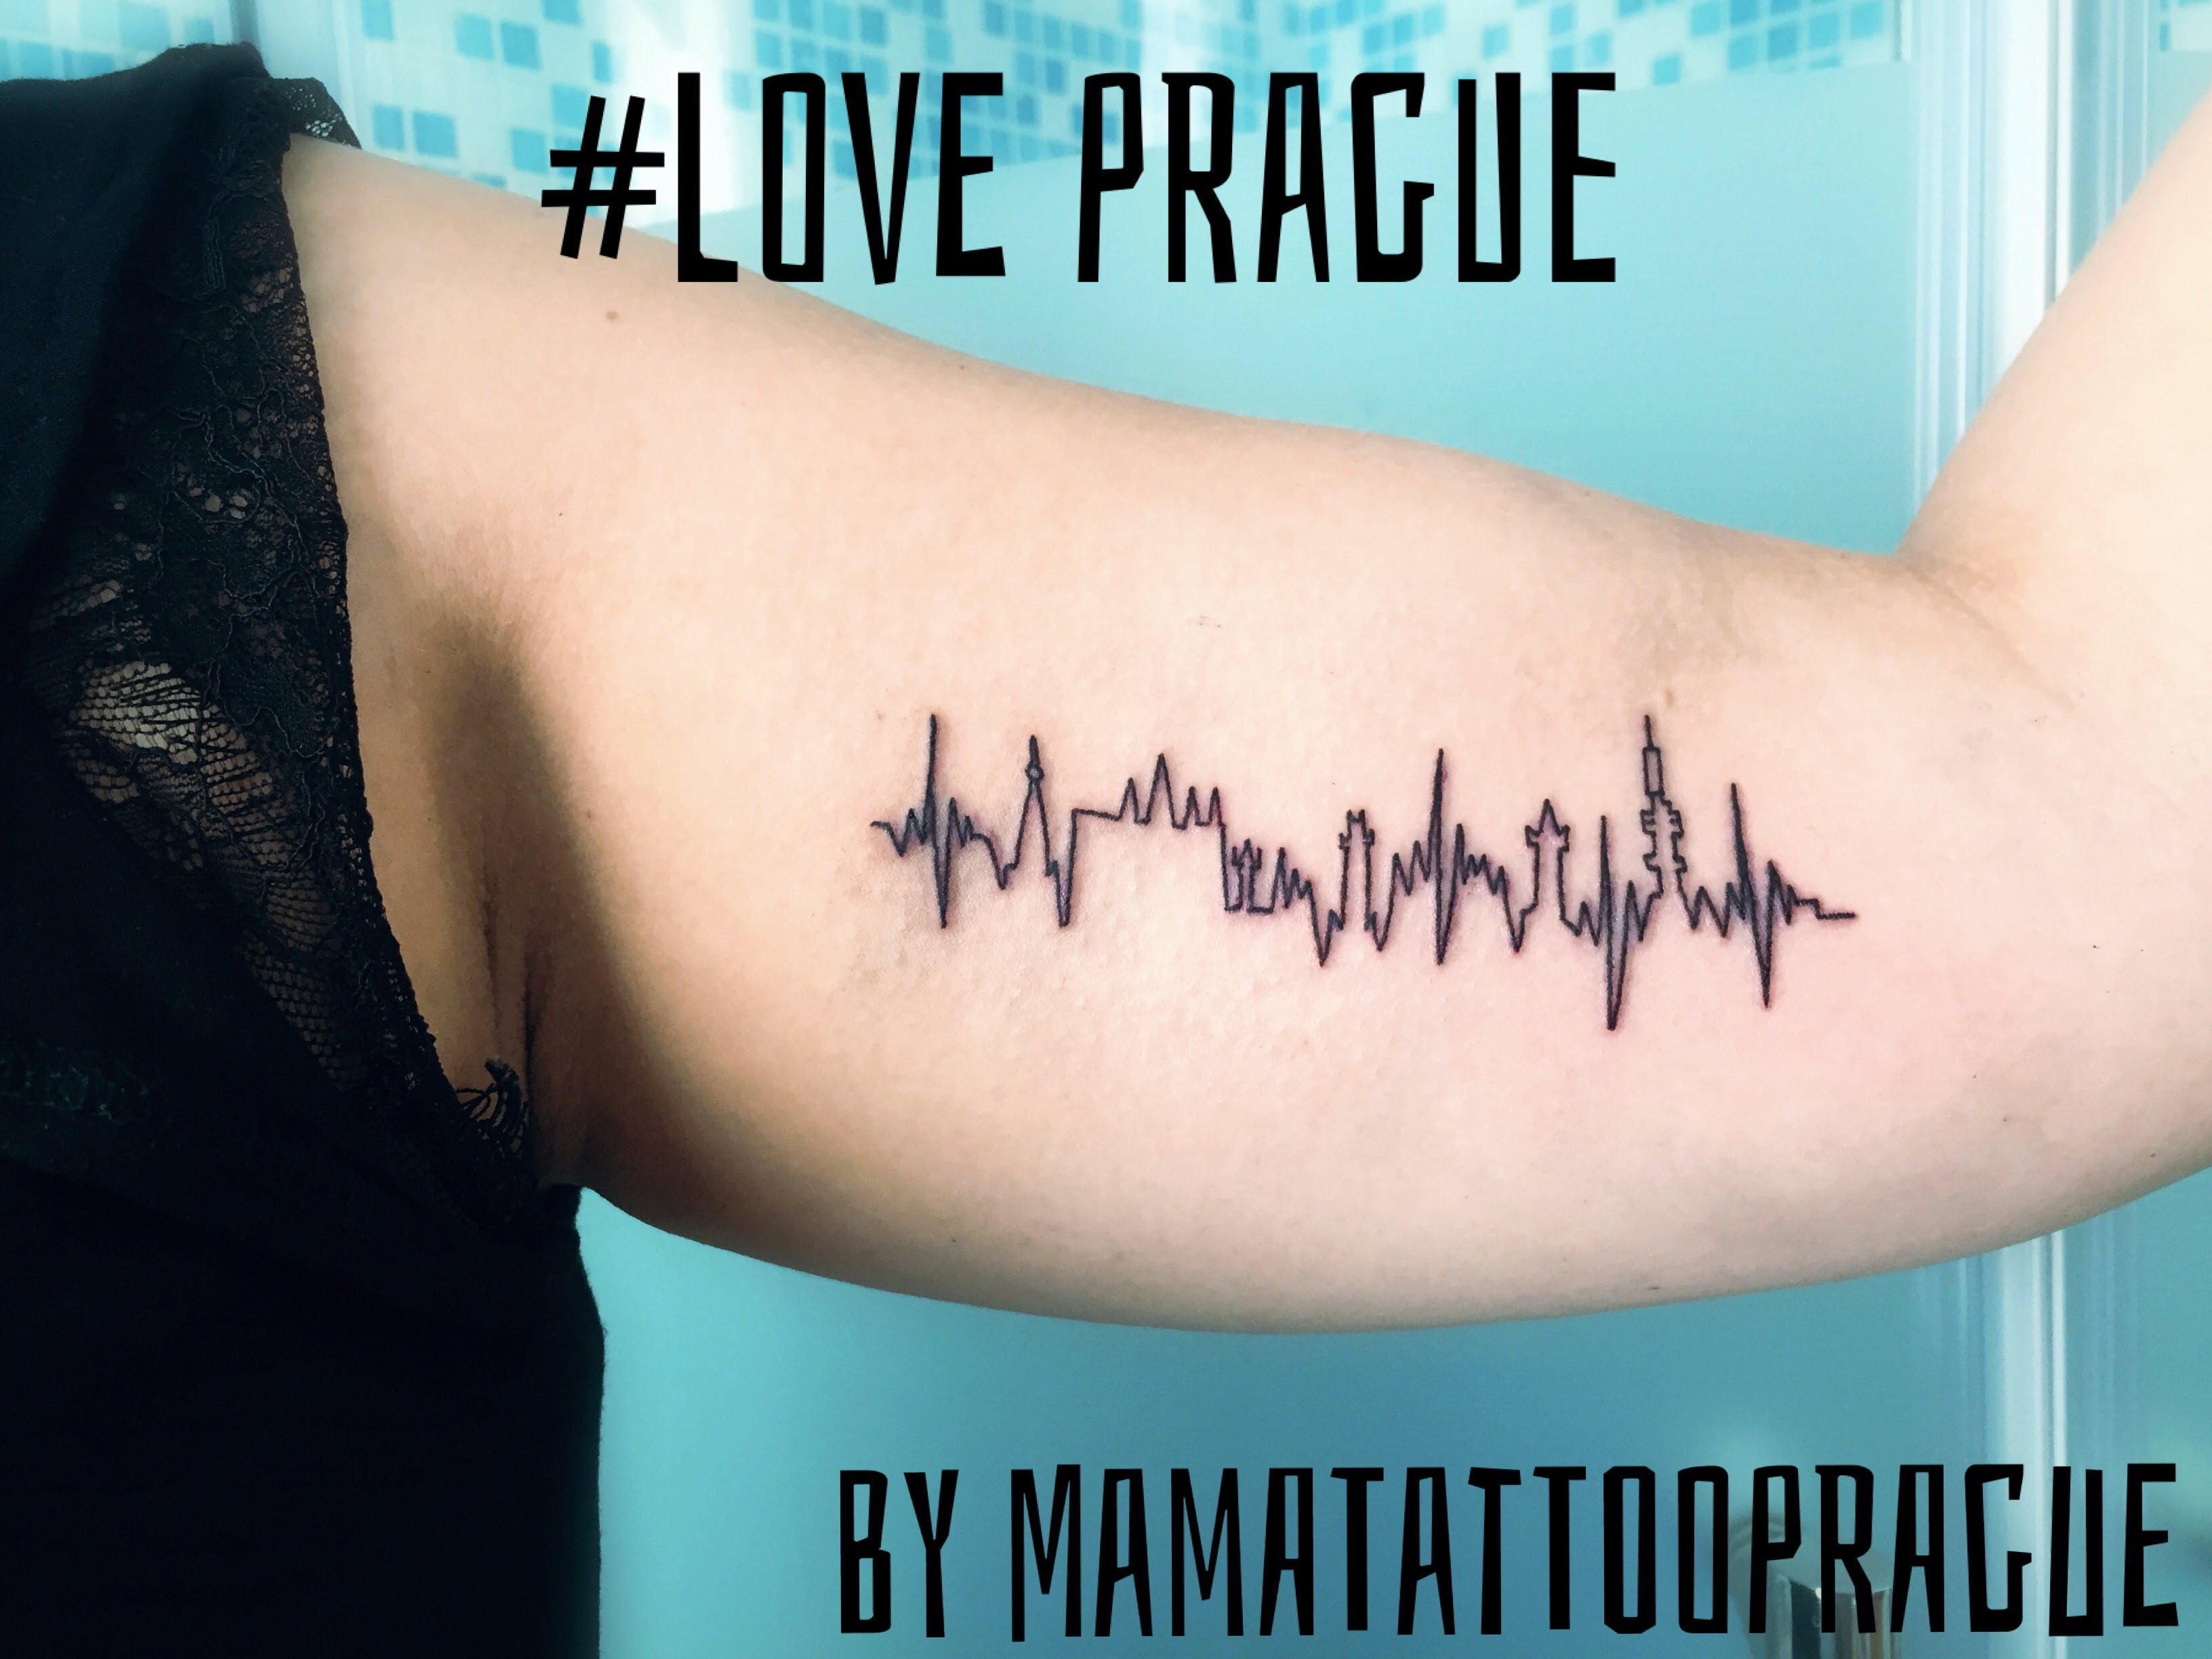 tetovani praha v srdci